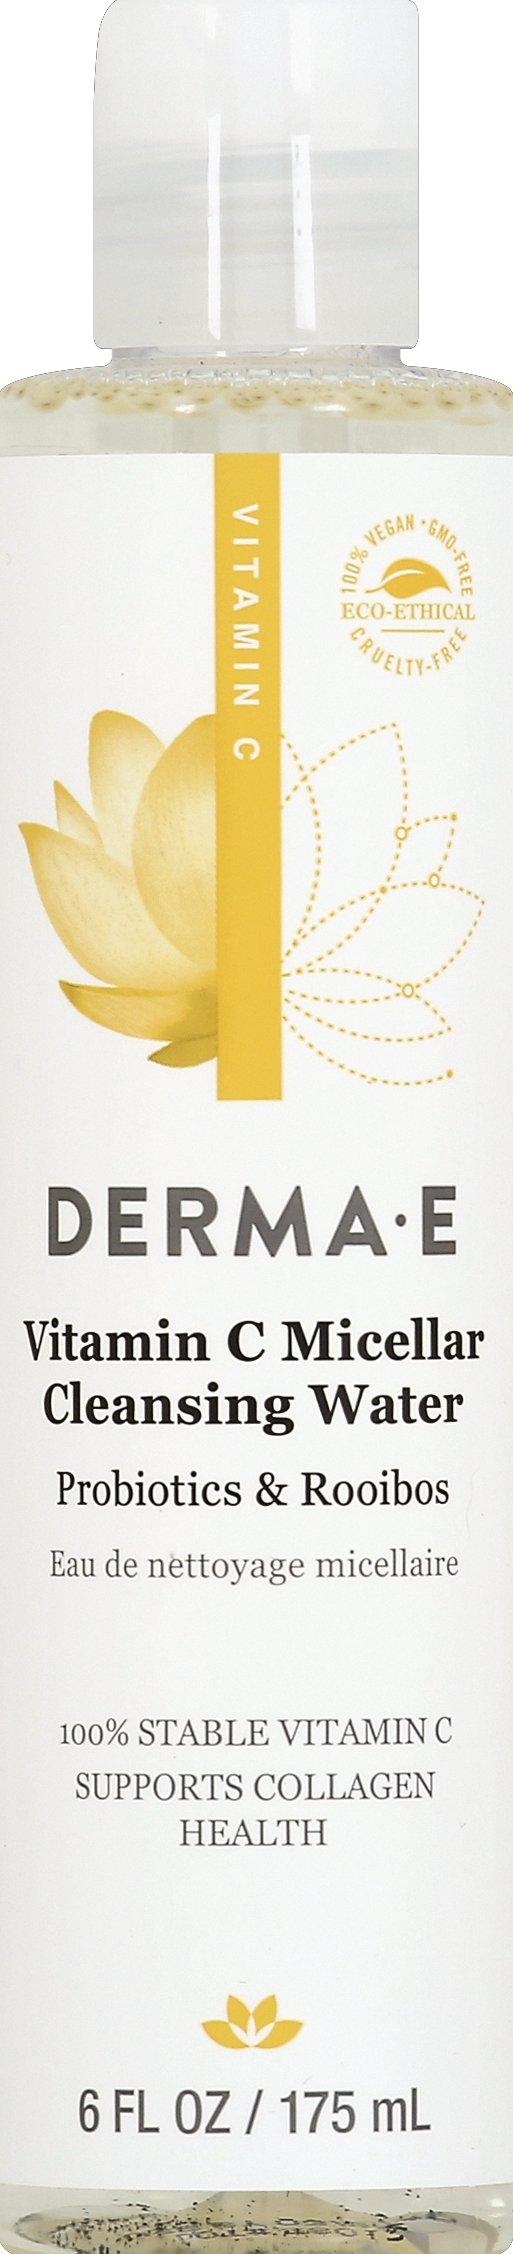 Derma E Derma E Vitamin C Micellar Cleansing Water 6 Fl